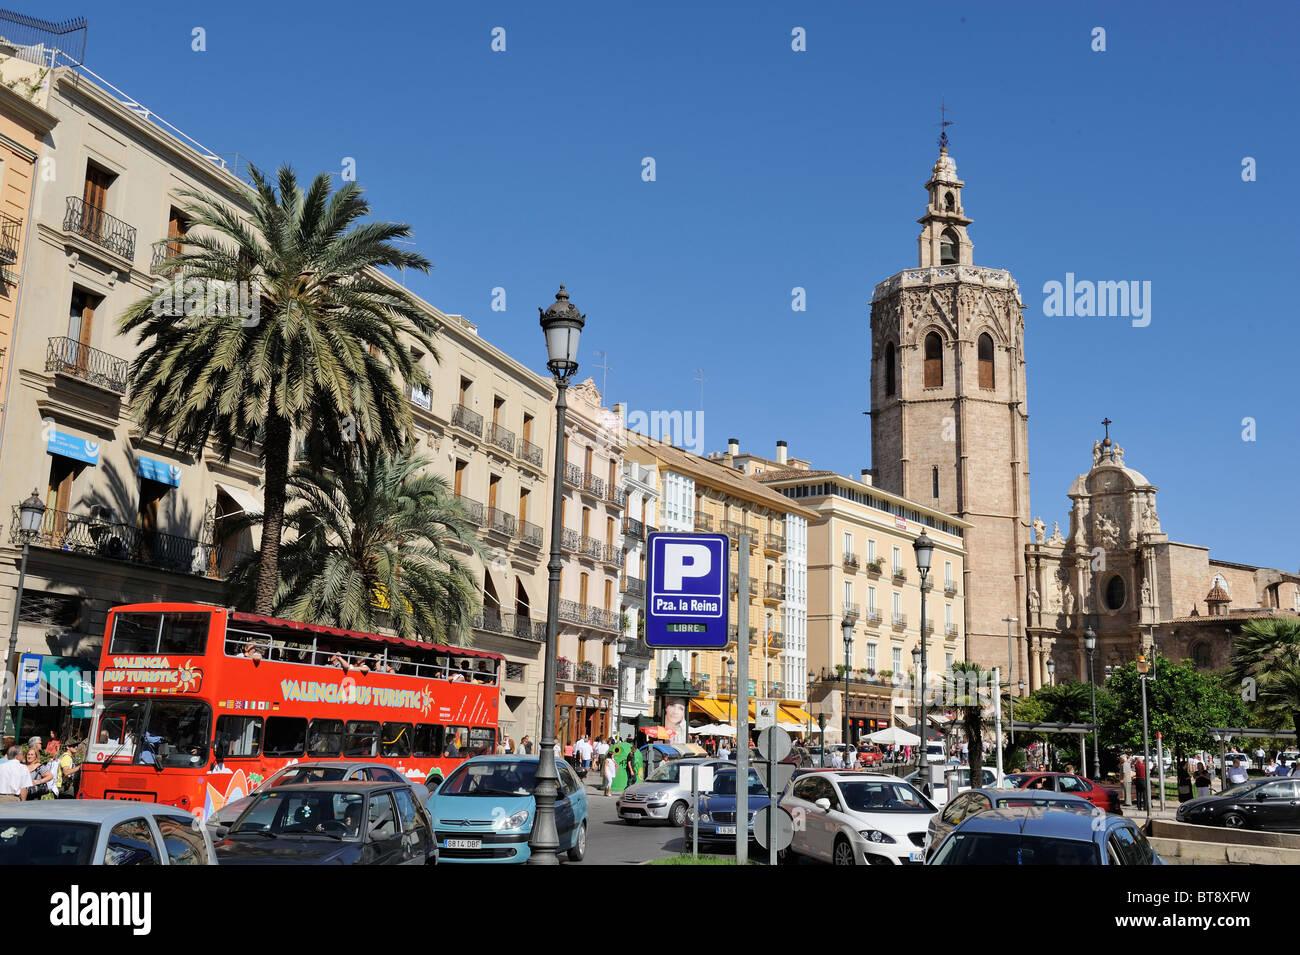 Valence espagne tourisme